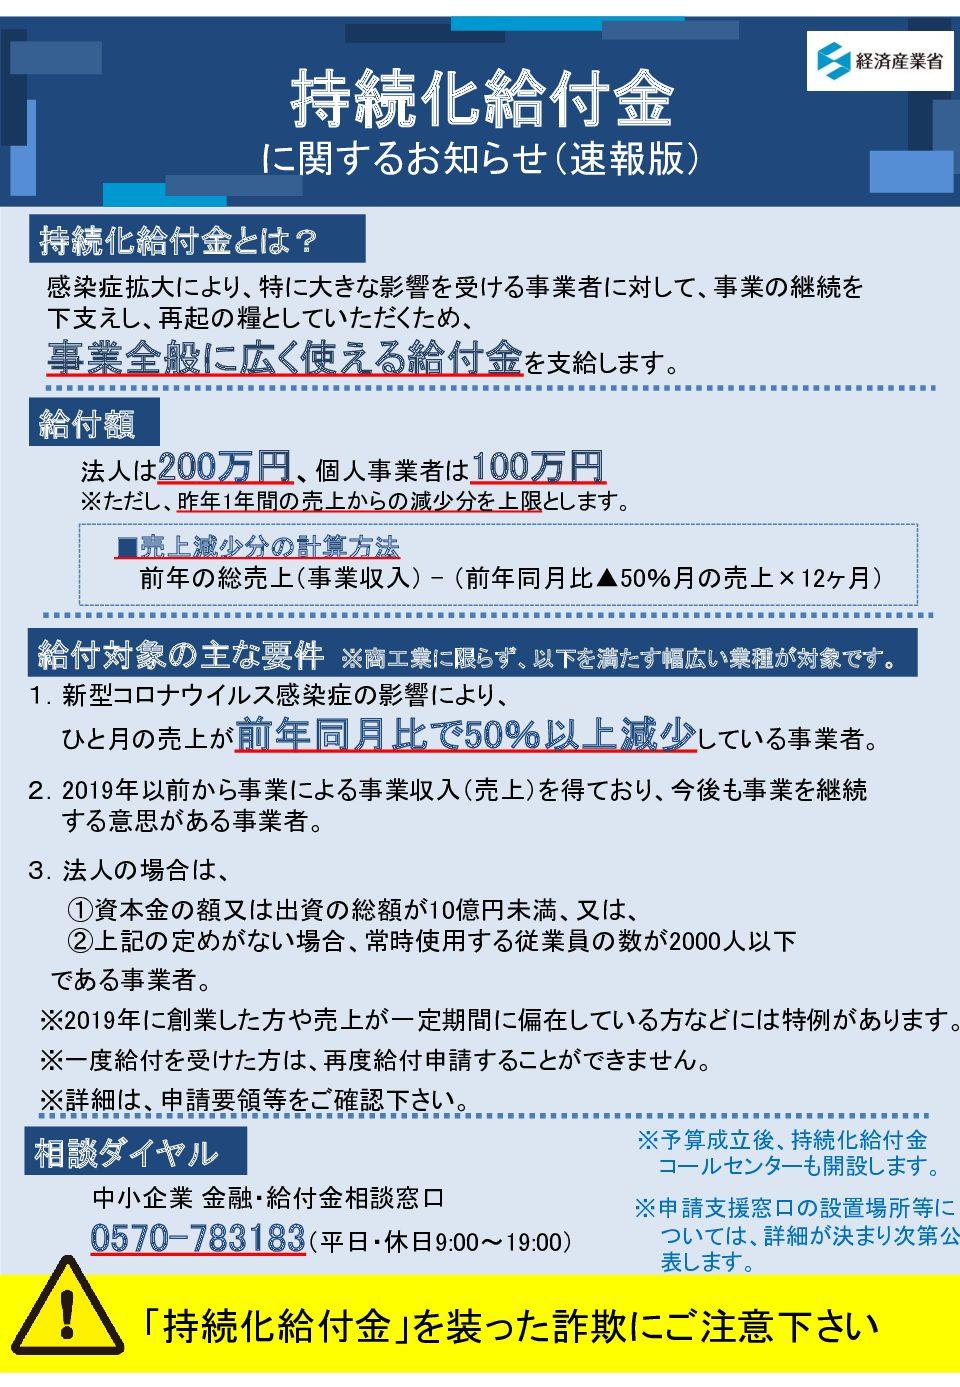 【経済産業省】持続化給付金に関するお知らせ(速報版)